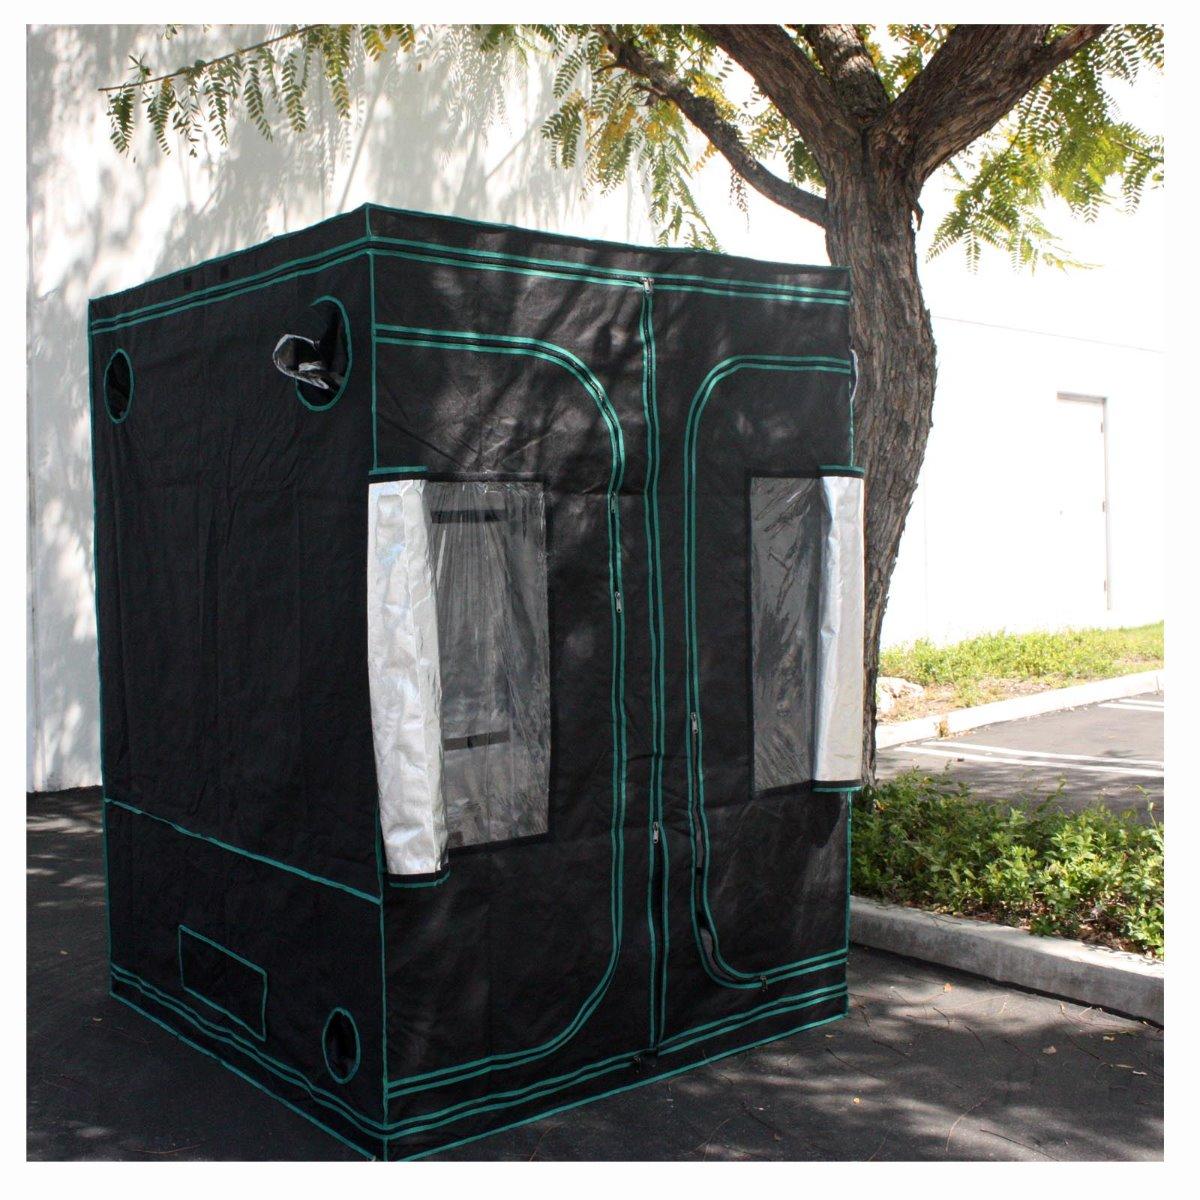 Reflective 5 39 x 5 39 x 7 39 hydroponic indoor grow room tent for Indoor gardening reflective material